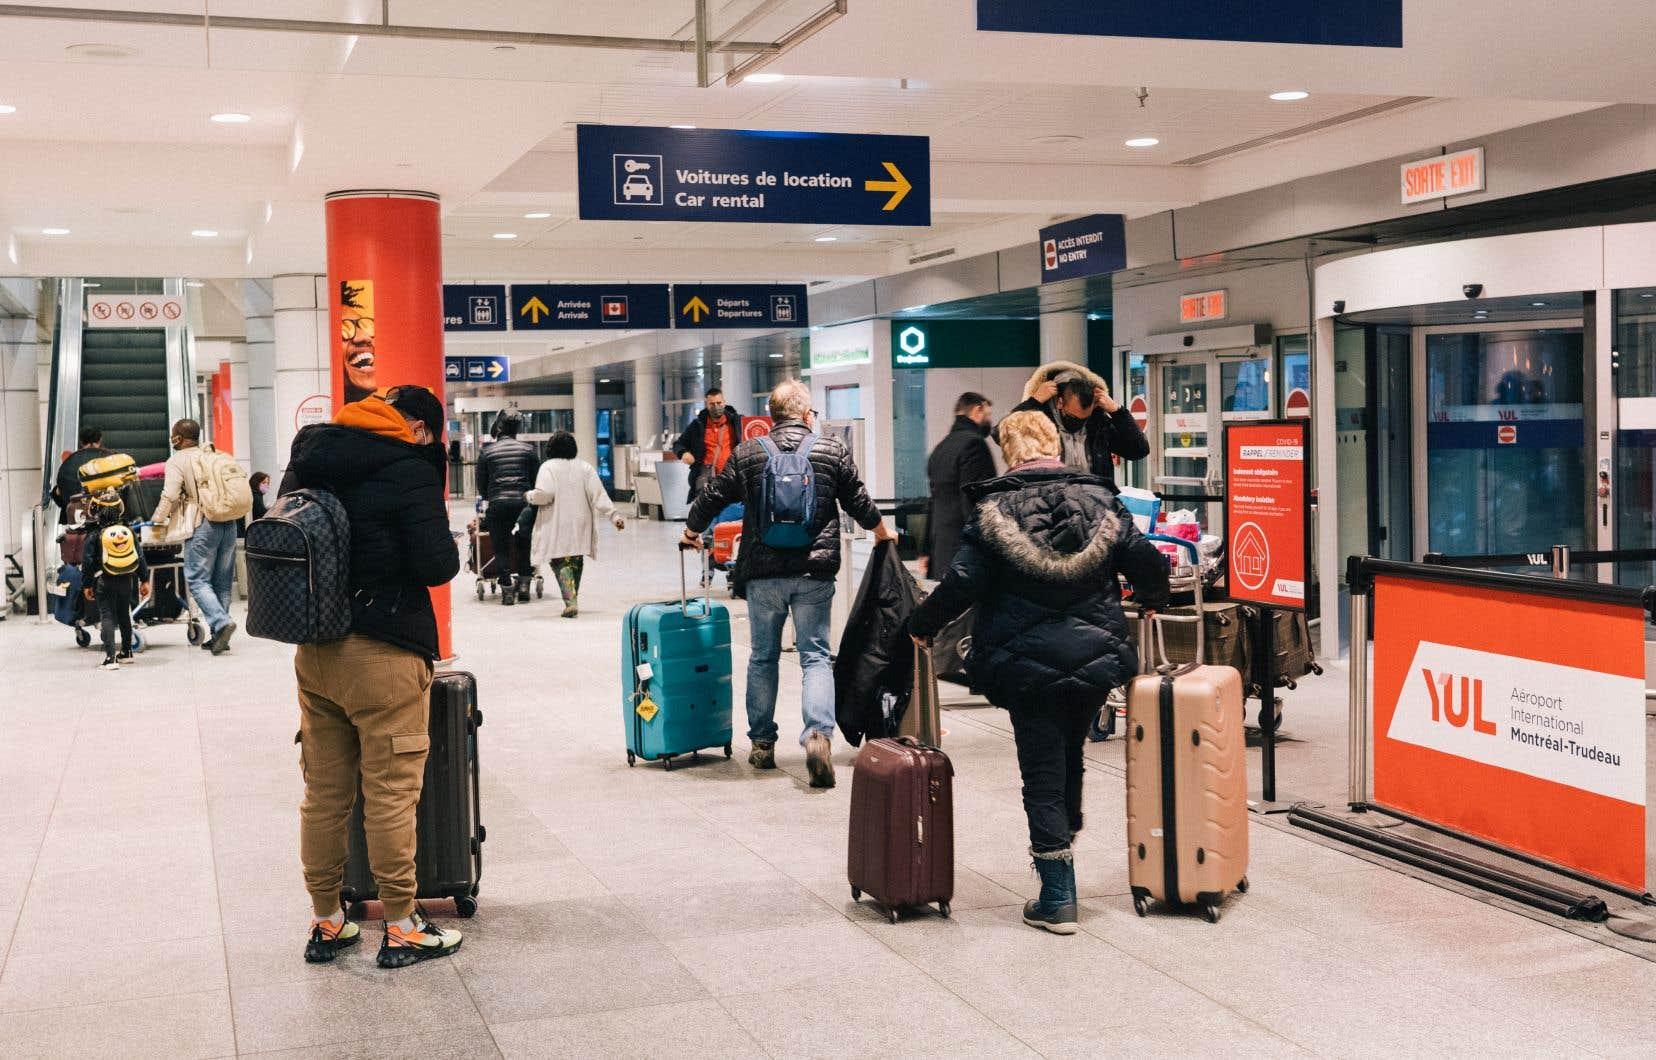 La situation actuelle irrite le gouvernement Legault, qui estime que le fédéral doit «intensifier ses efforts et sa contribution» afin de s'assurer que les voyageurs respectent la quarantaine.